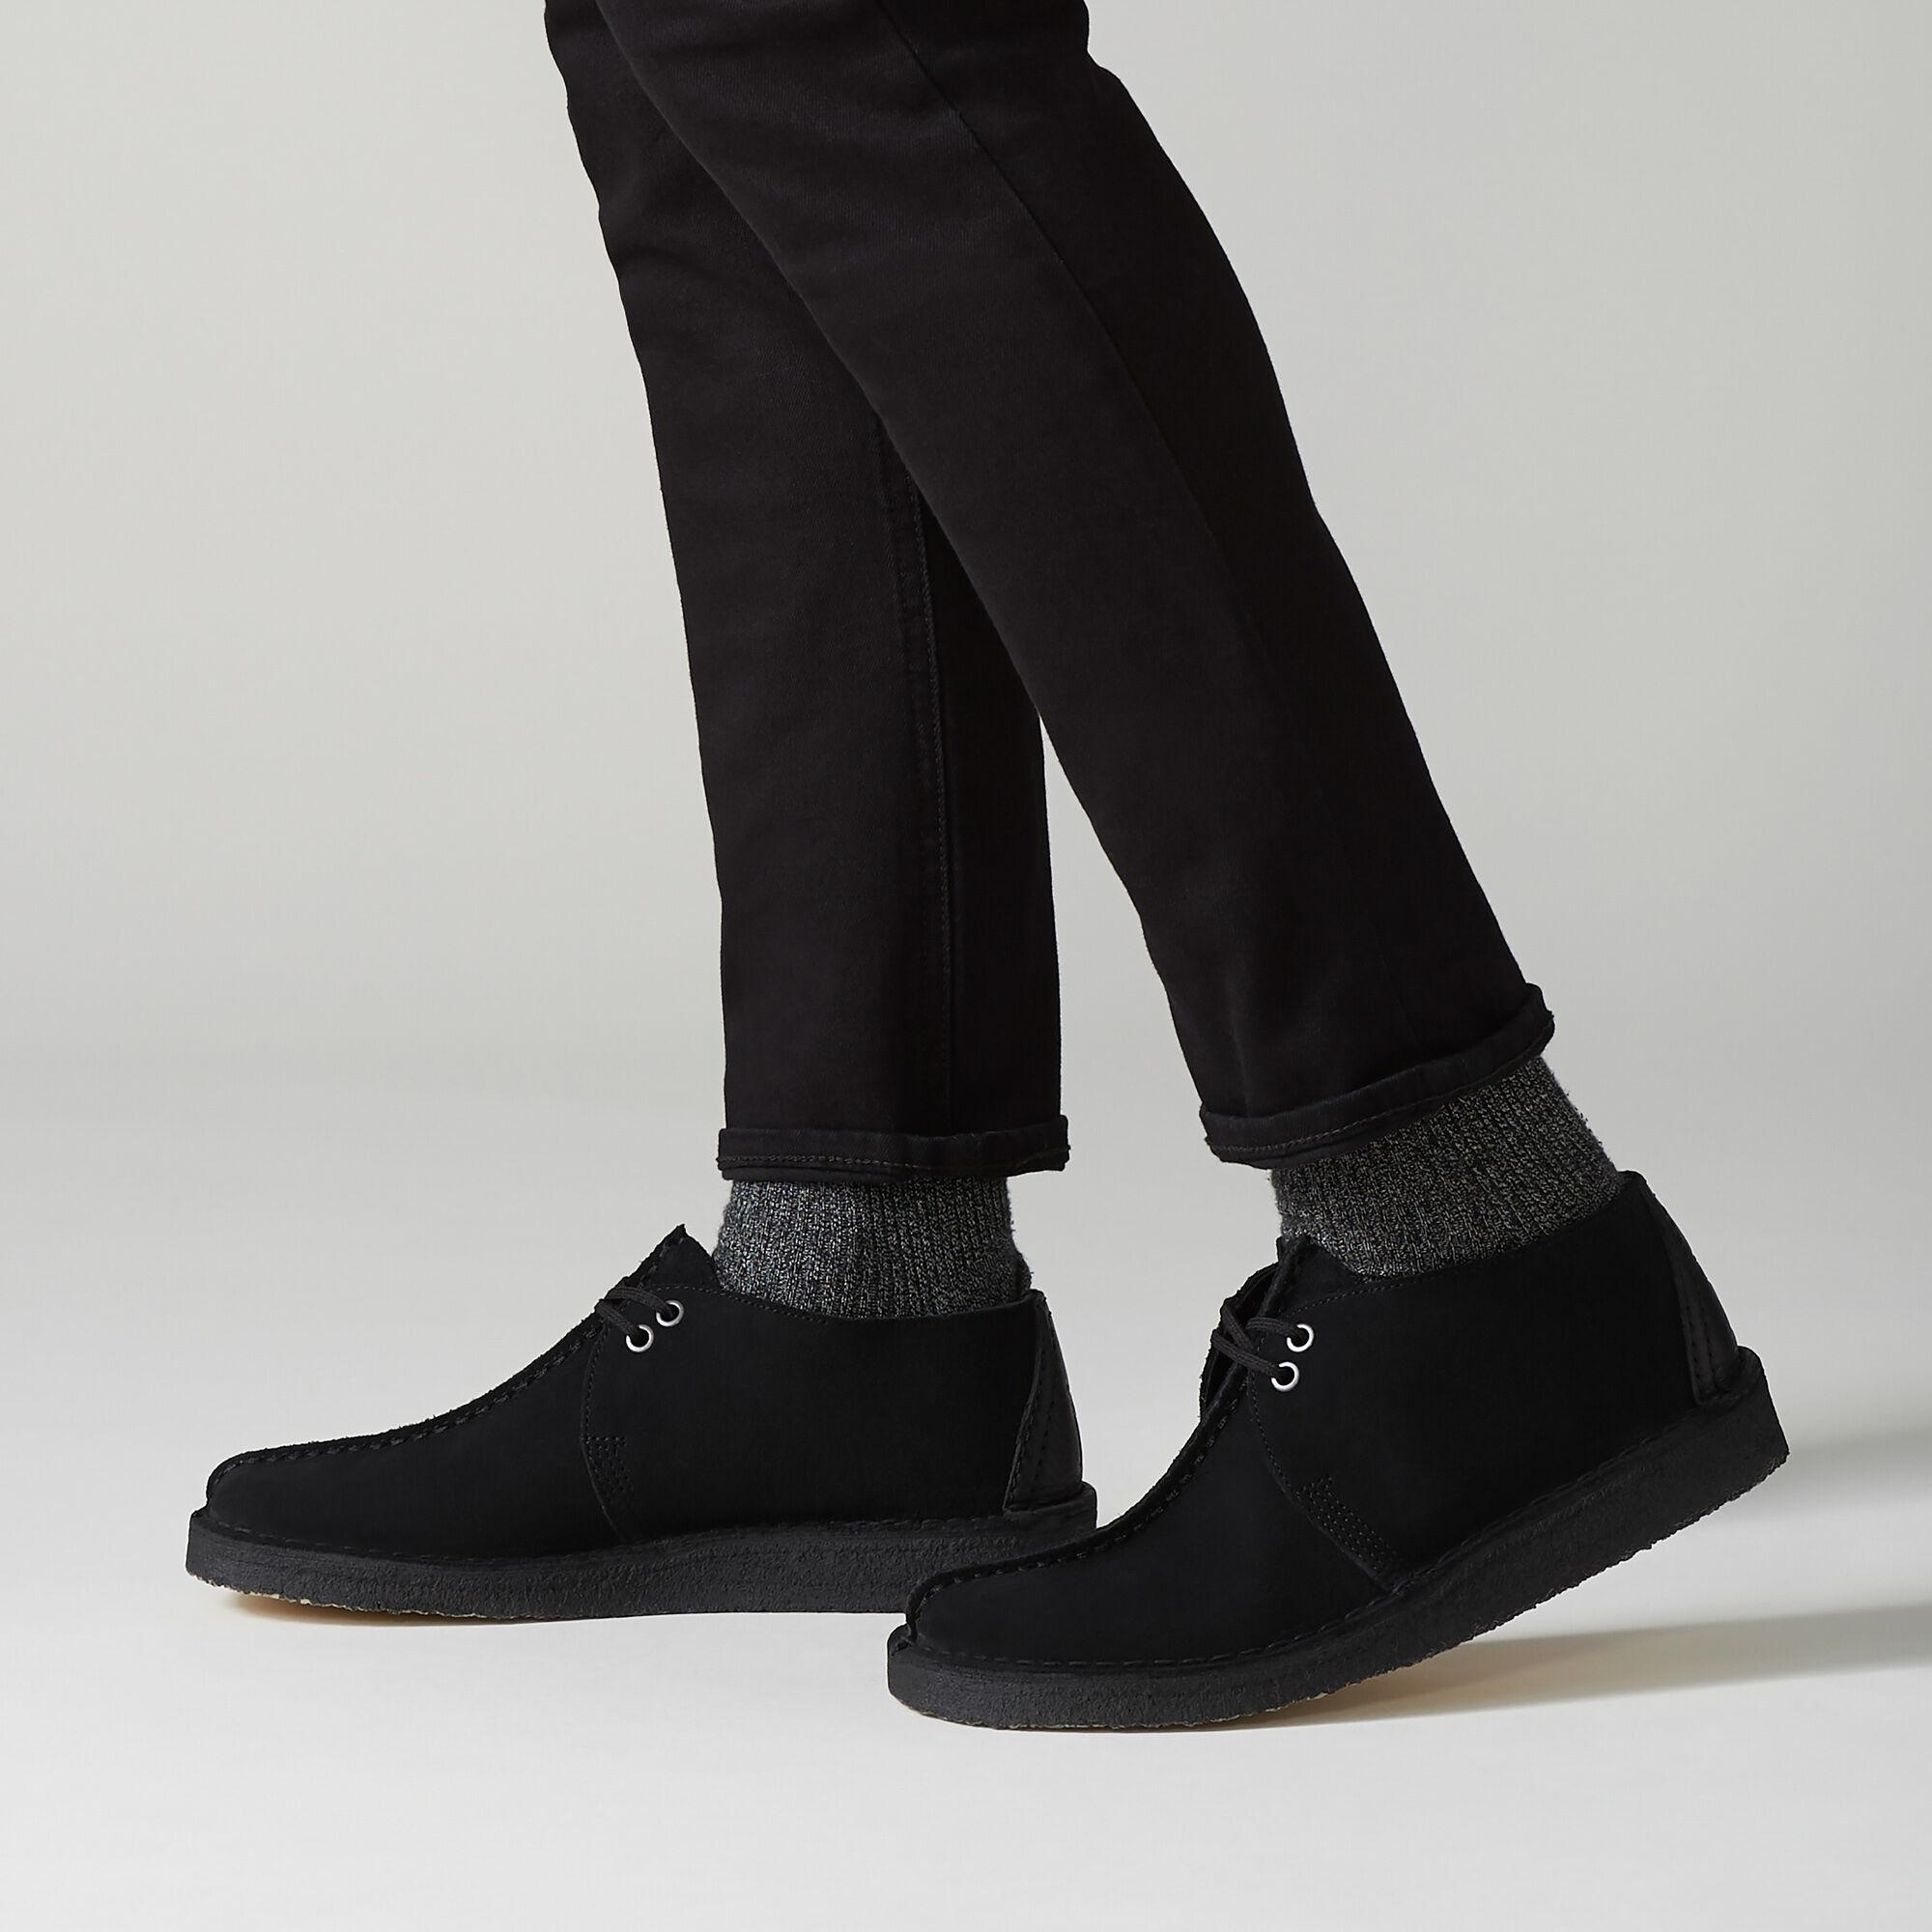 Suede Shoes - Desert Trek   Clarks